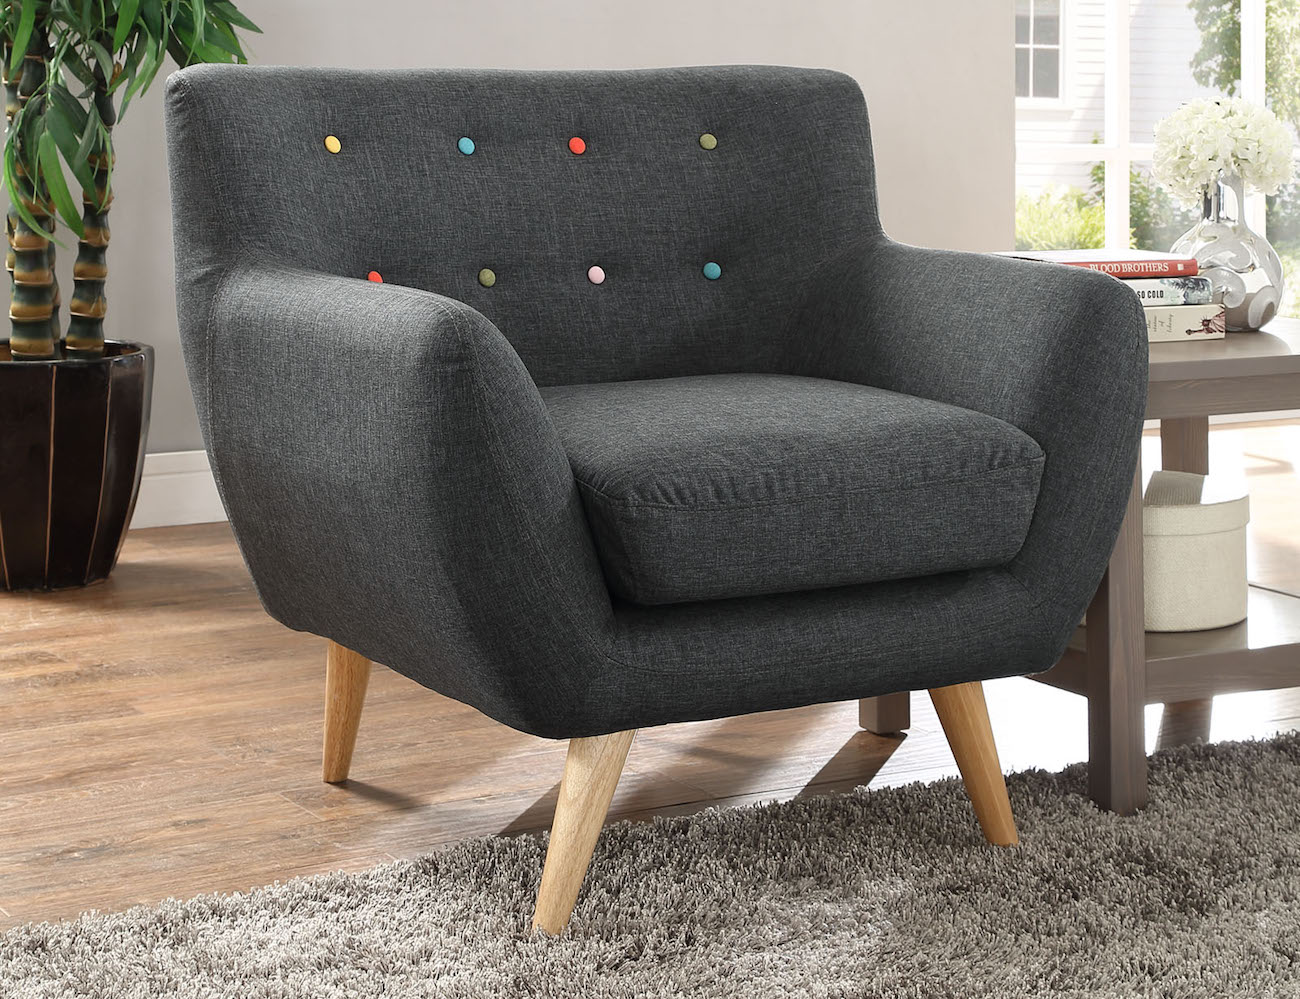 Modway+Remark+Modern+Armchair